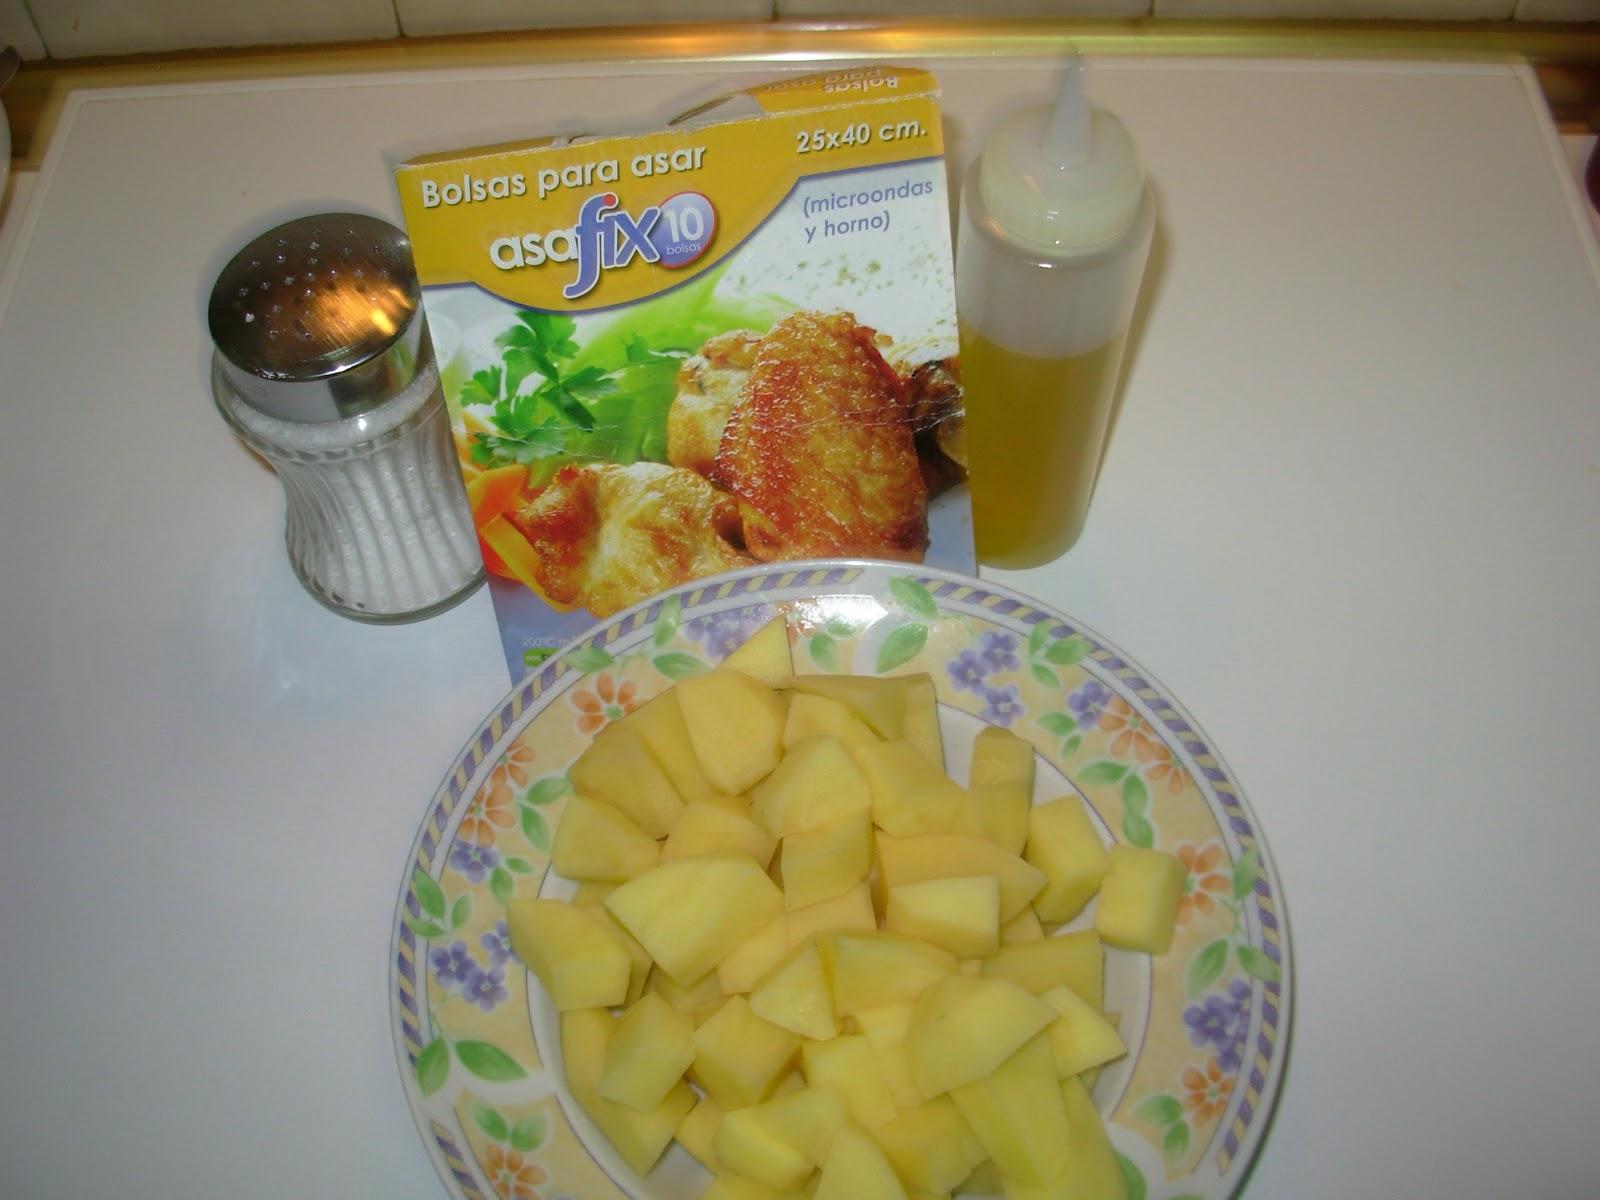 Cocinando con la family patatas al microondas - Cocinando con microondas ...